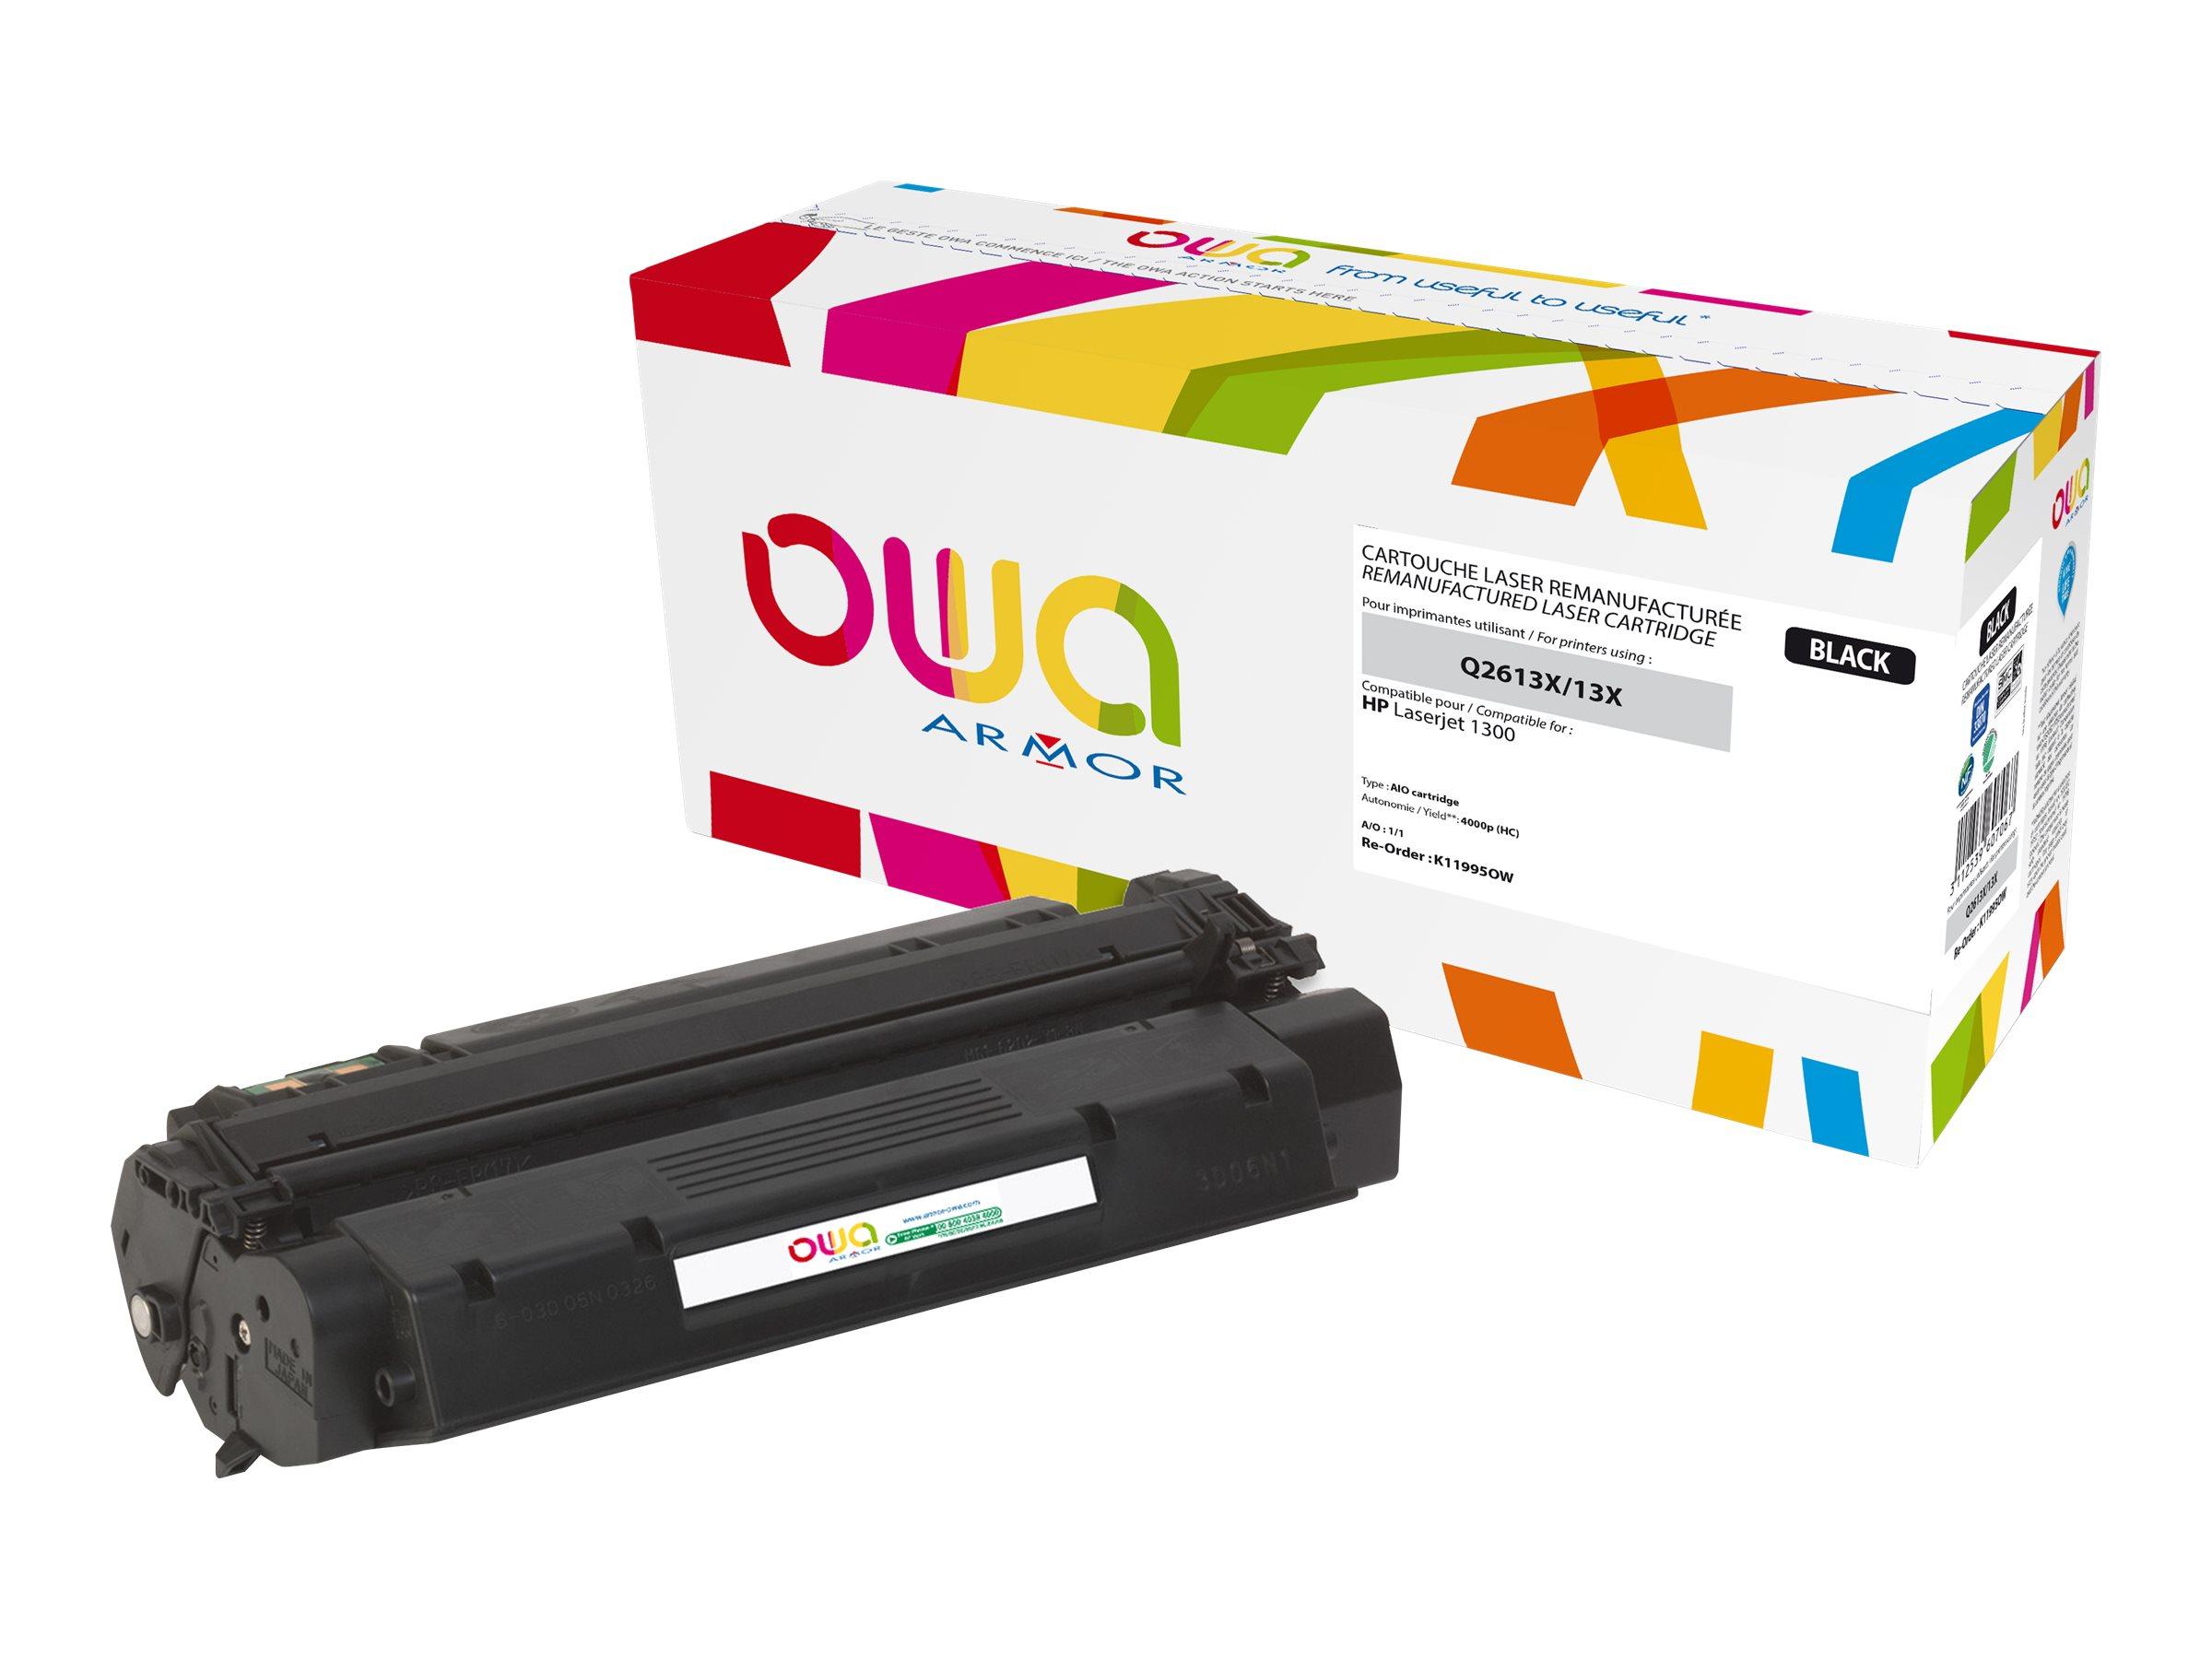 HP 13X - remanufacturé Owa K11995OW - noir - cartouche laser